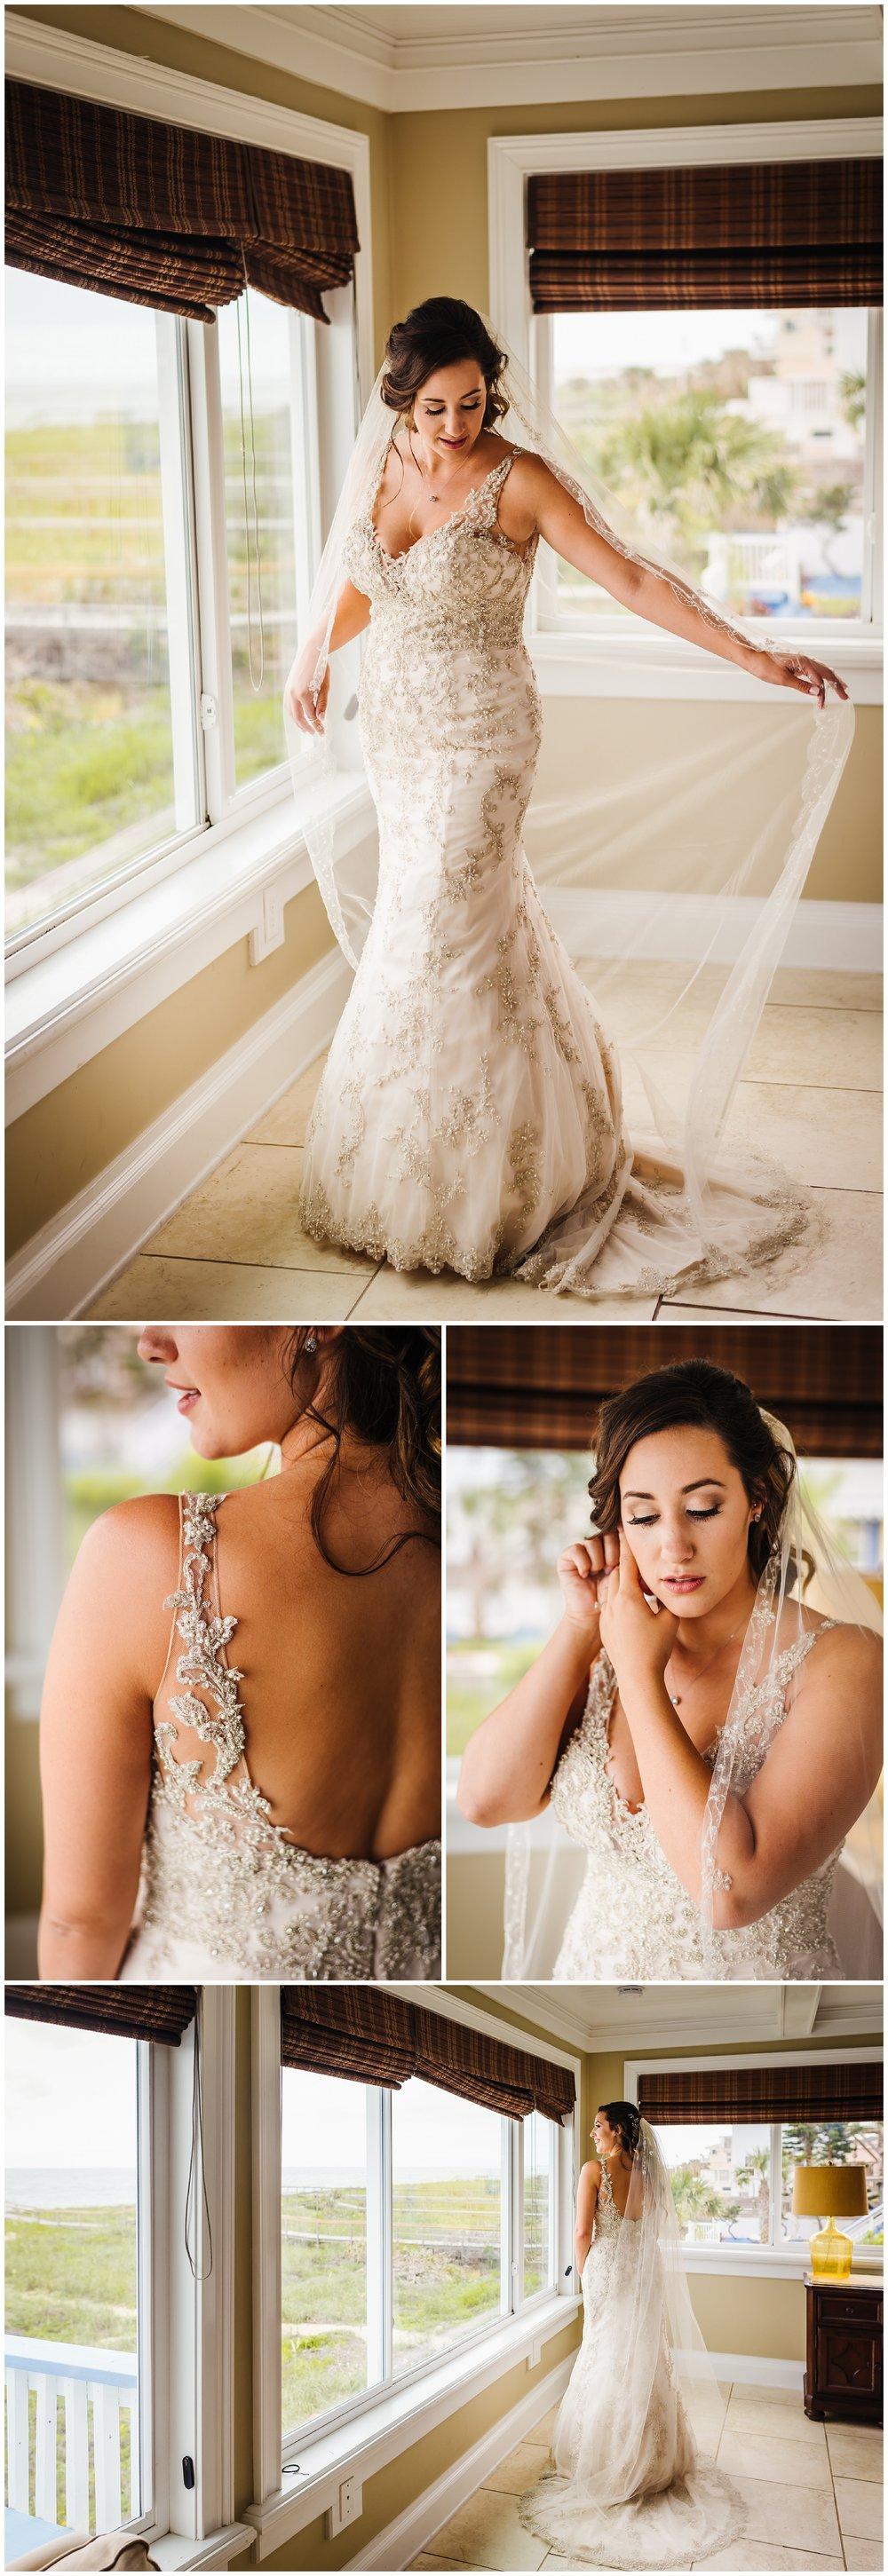 st-augustine-destination-wedding-photographer-white-room-villa-blanca-flagler-first-look_0010.jpg